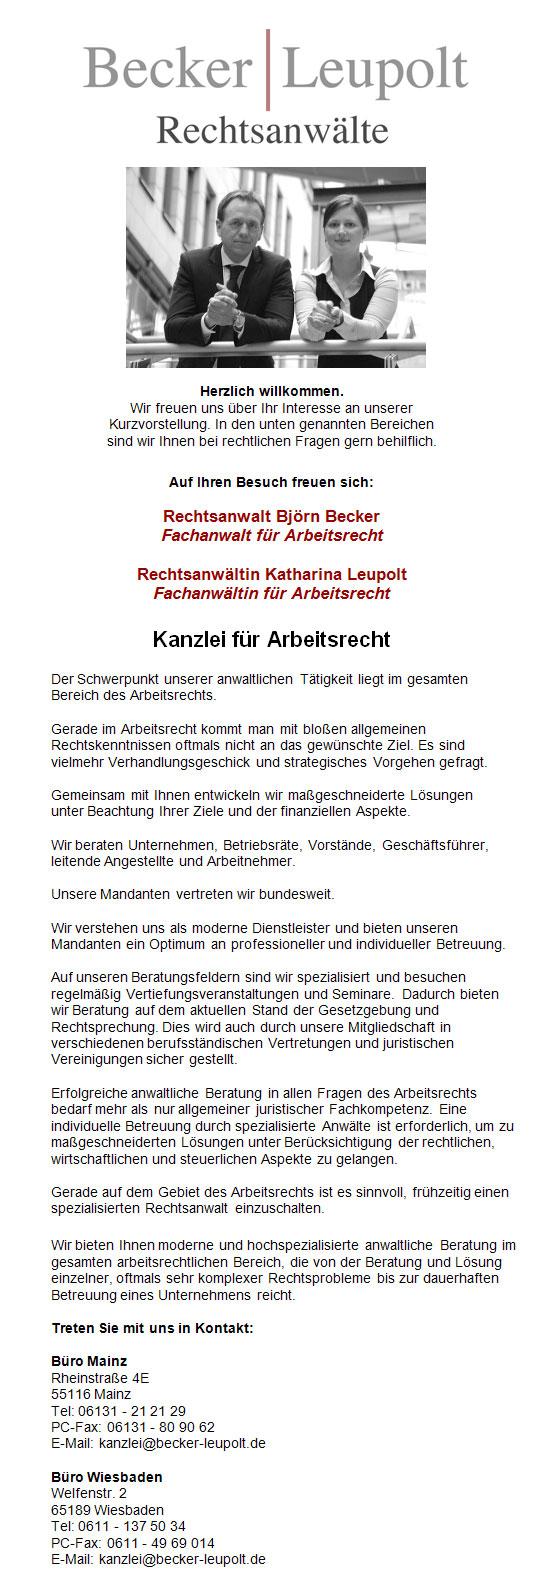 Rechtsanwalt Arbeitsrecht Mainz Anwaltskanzlei Becker und Leupolt